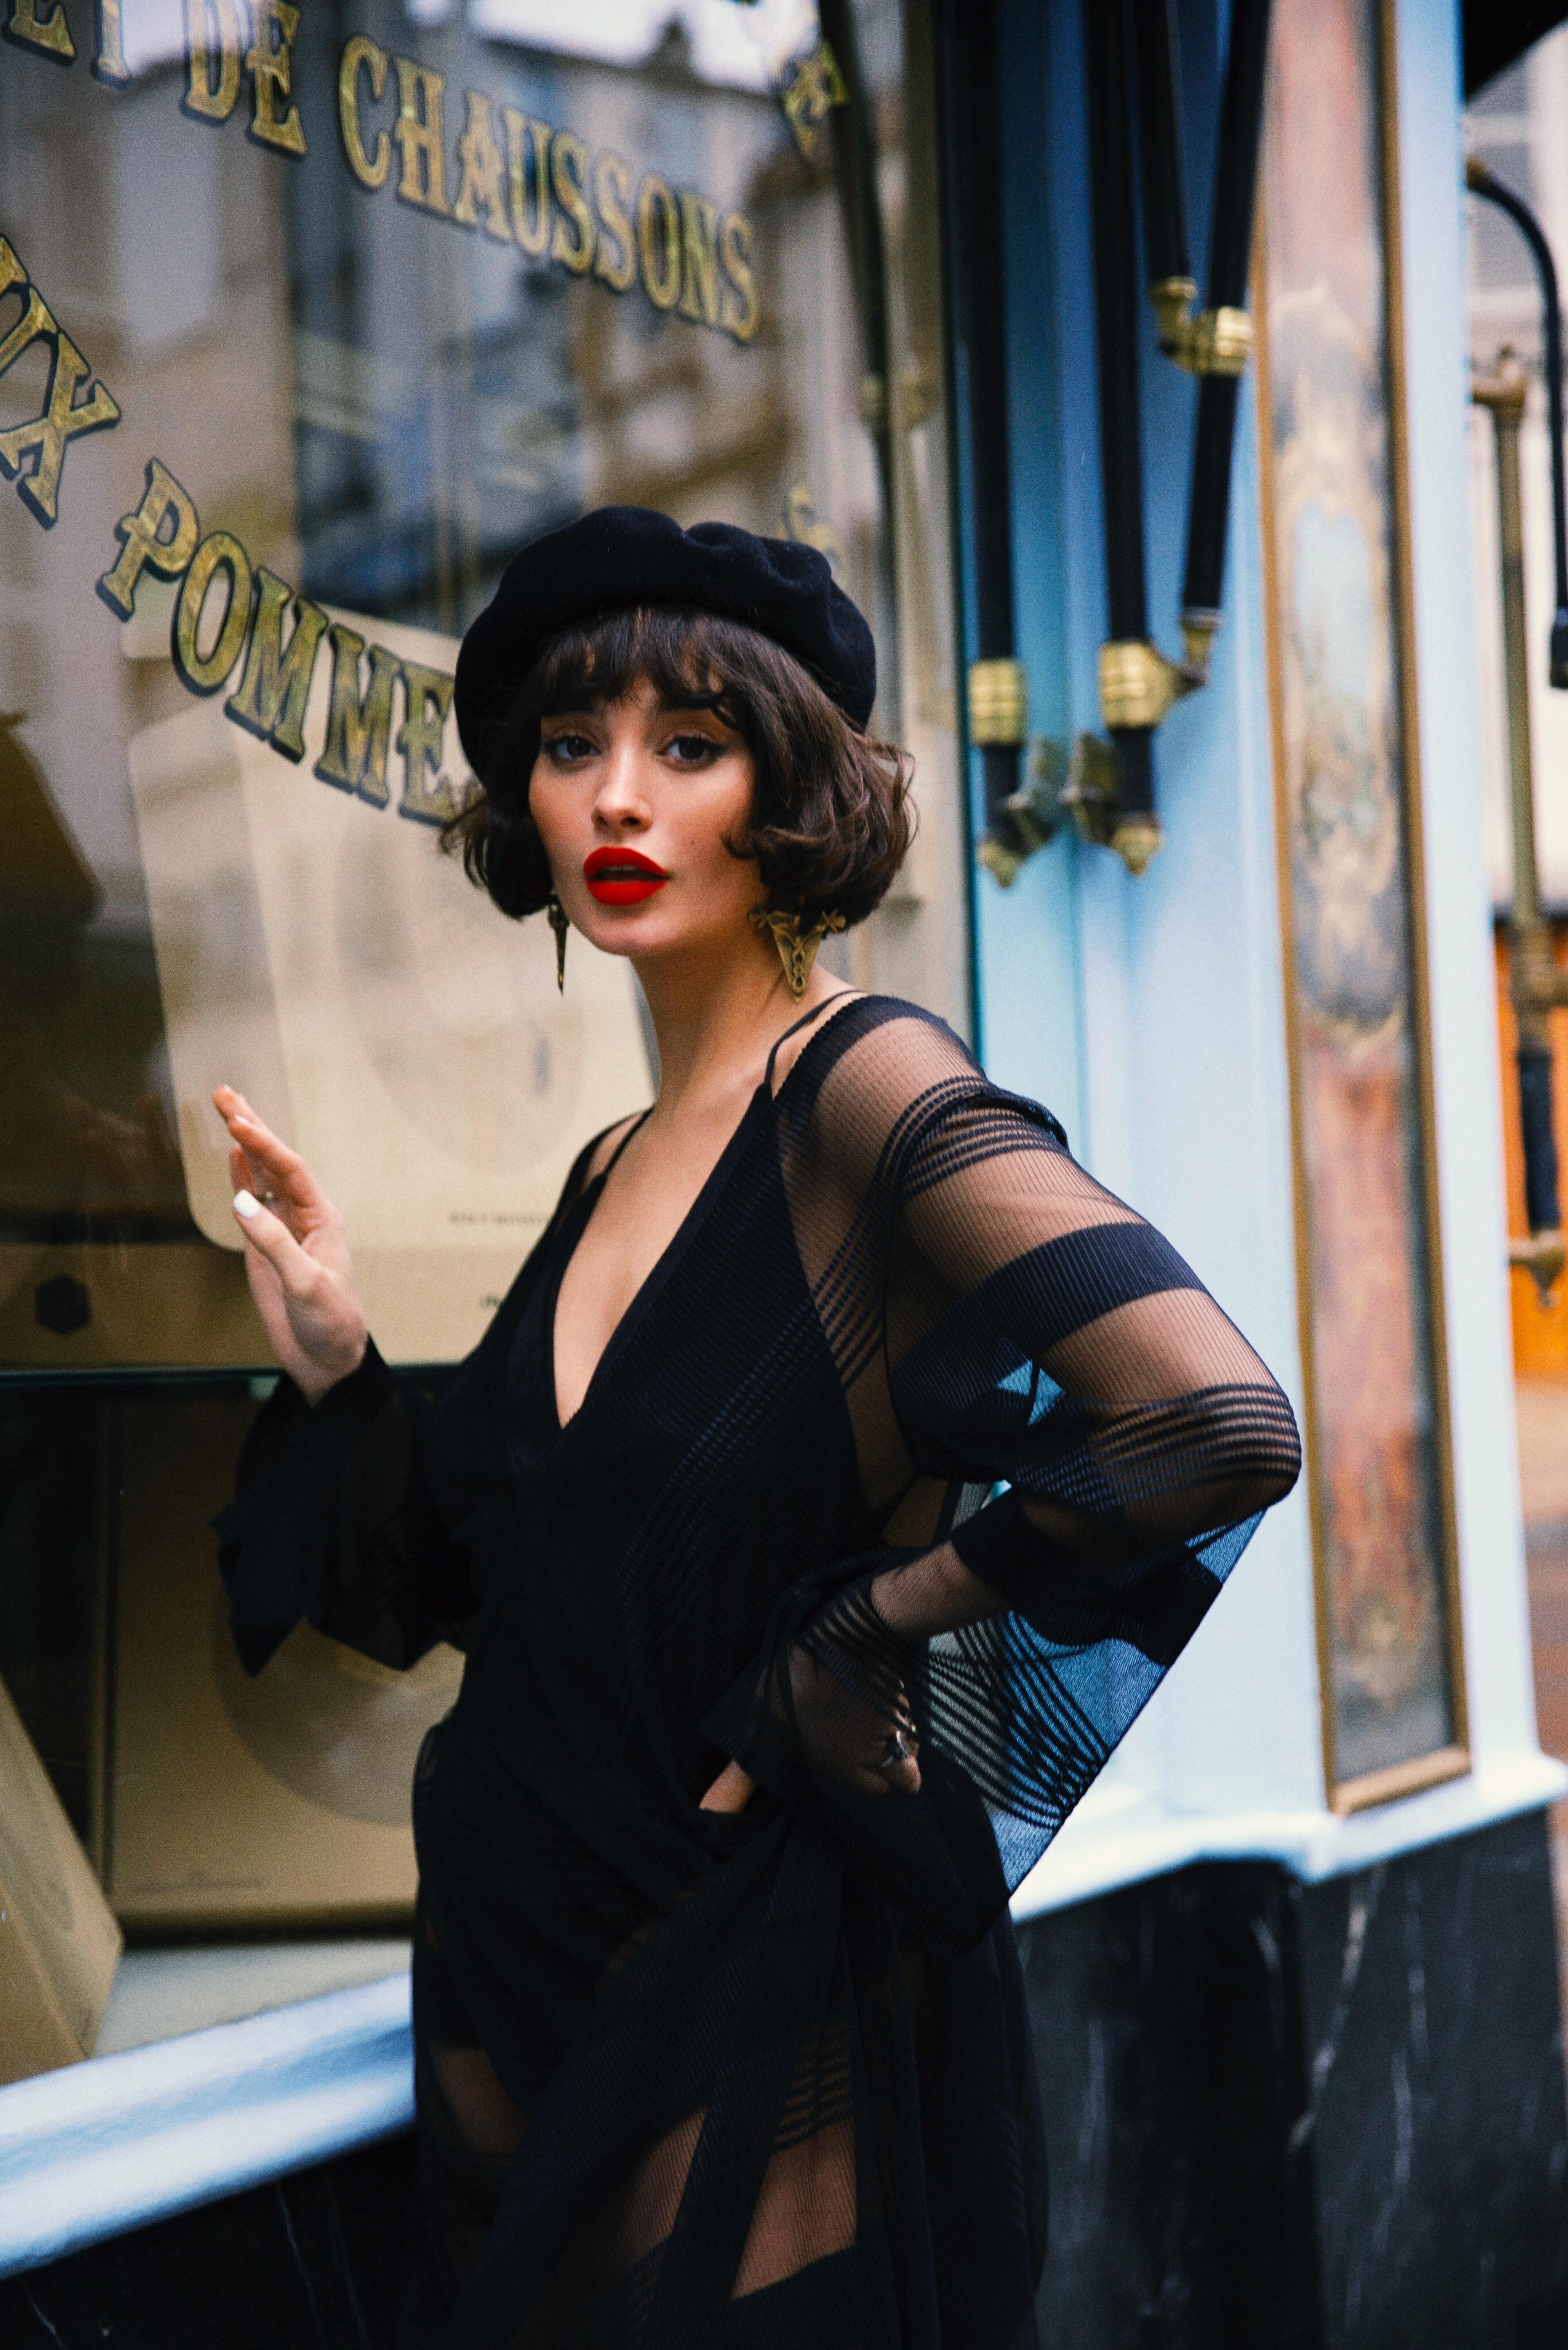 Κimono Dresses: Aυτή η capsule collection έχει τα πιο ονειρικά, καλοκαιρινά φορέματα